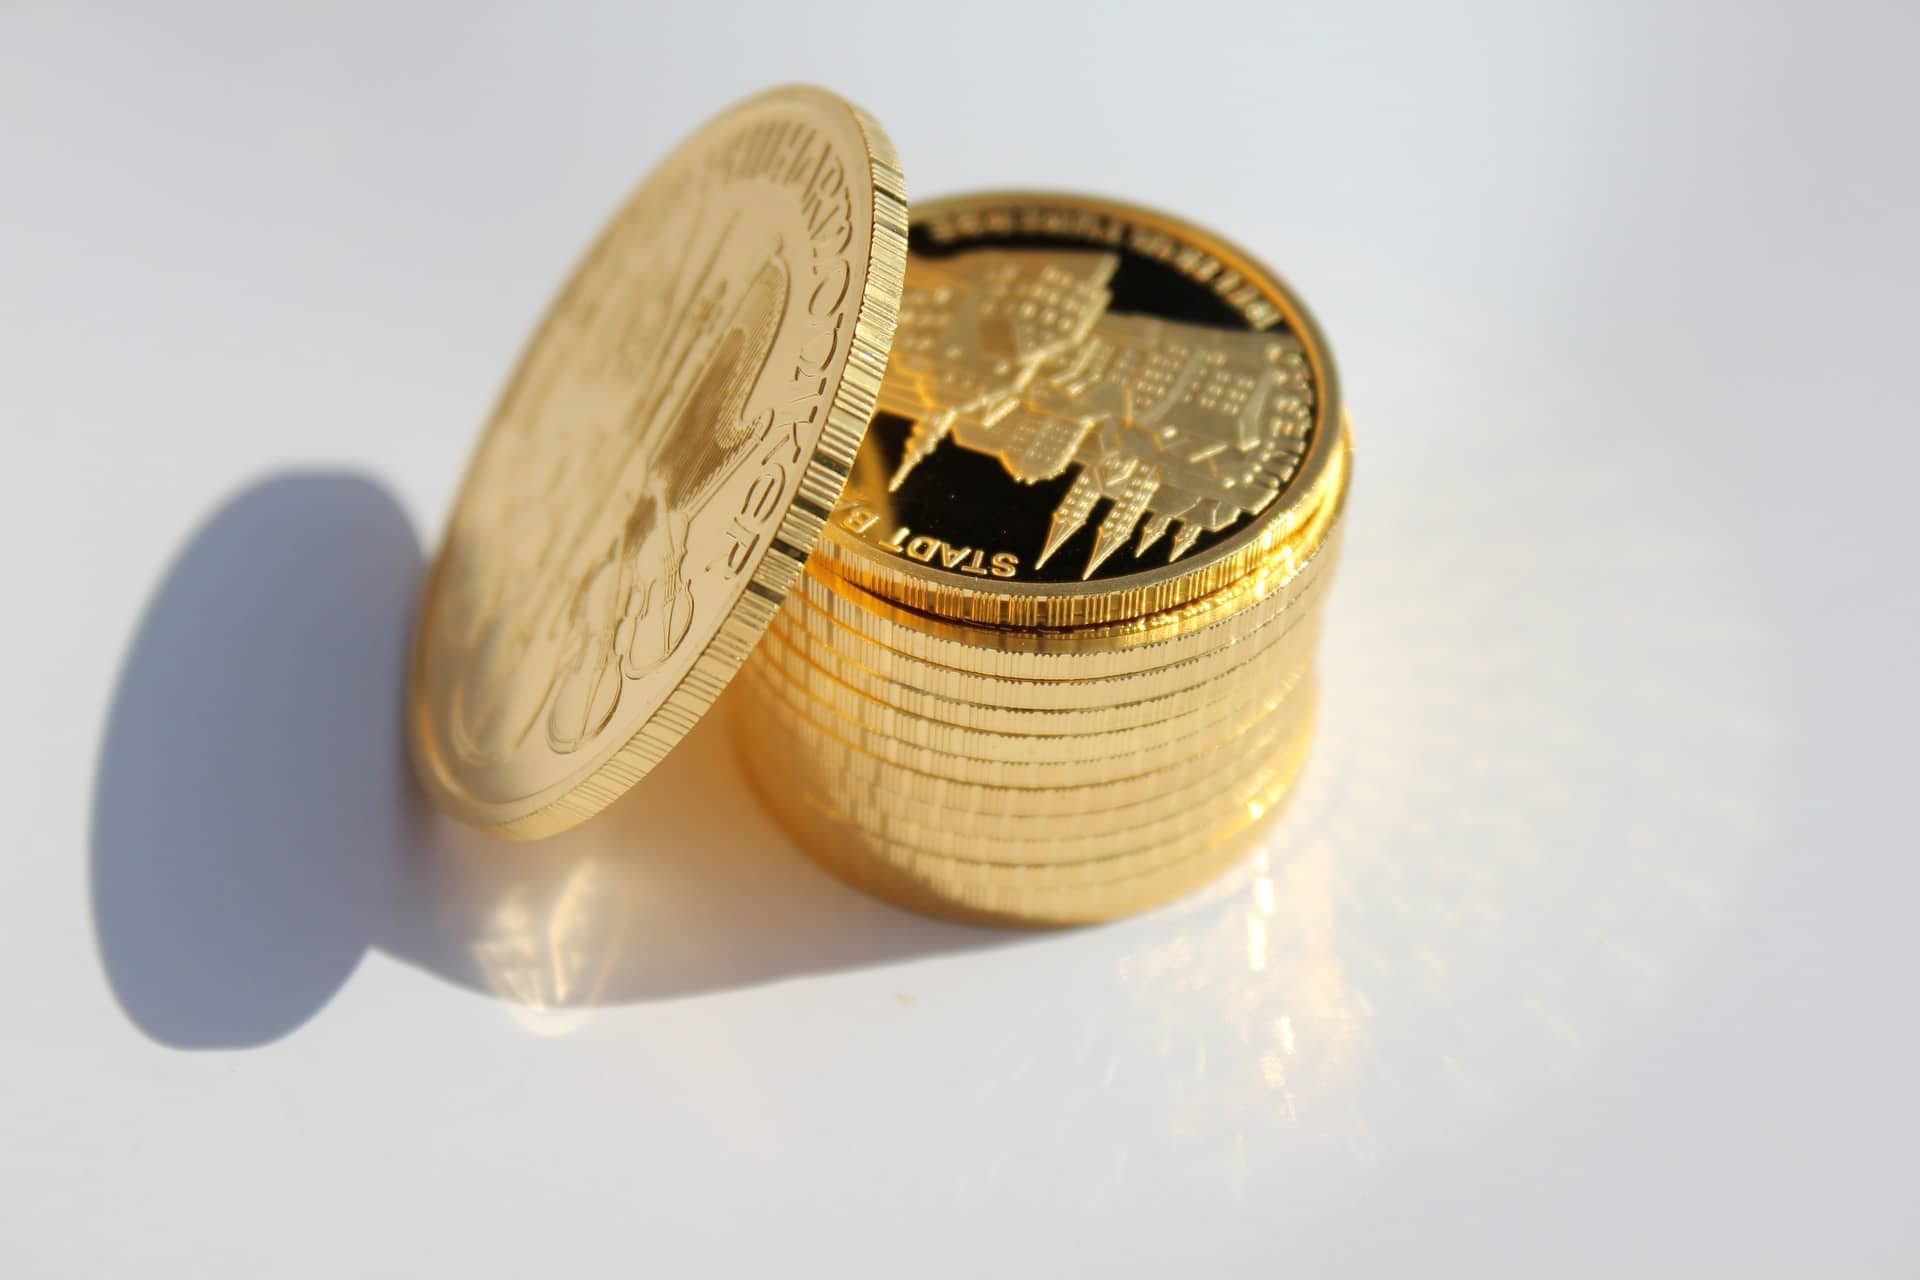 Gold & Silber aufbewahren – Kauf & Lagerung im Ausland sowie Zuhause